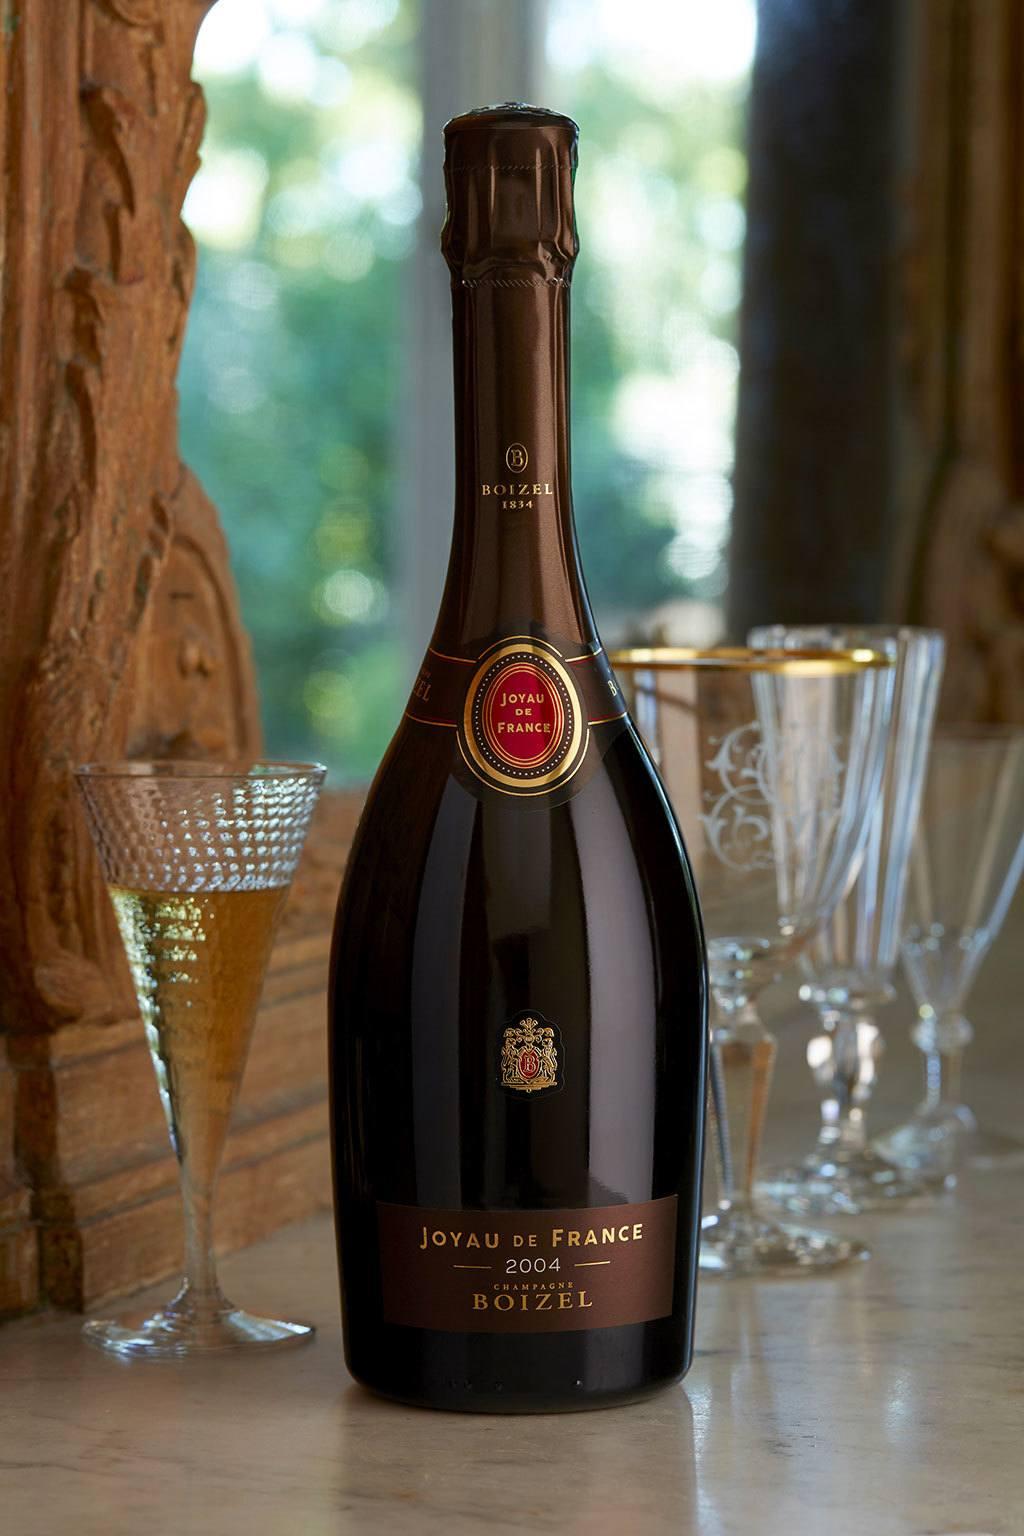 Joyau de France Chardonnay 2007 - Champagne Boizel - Epernay France